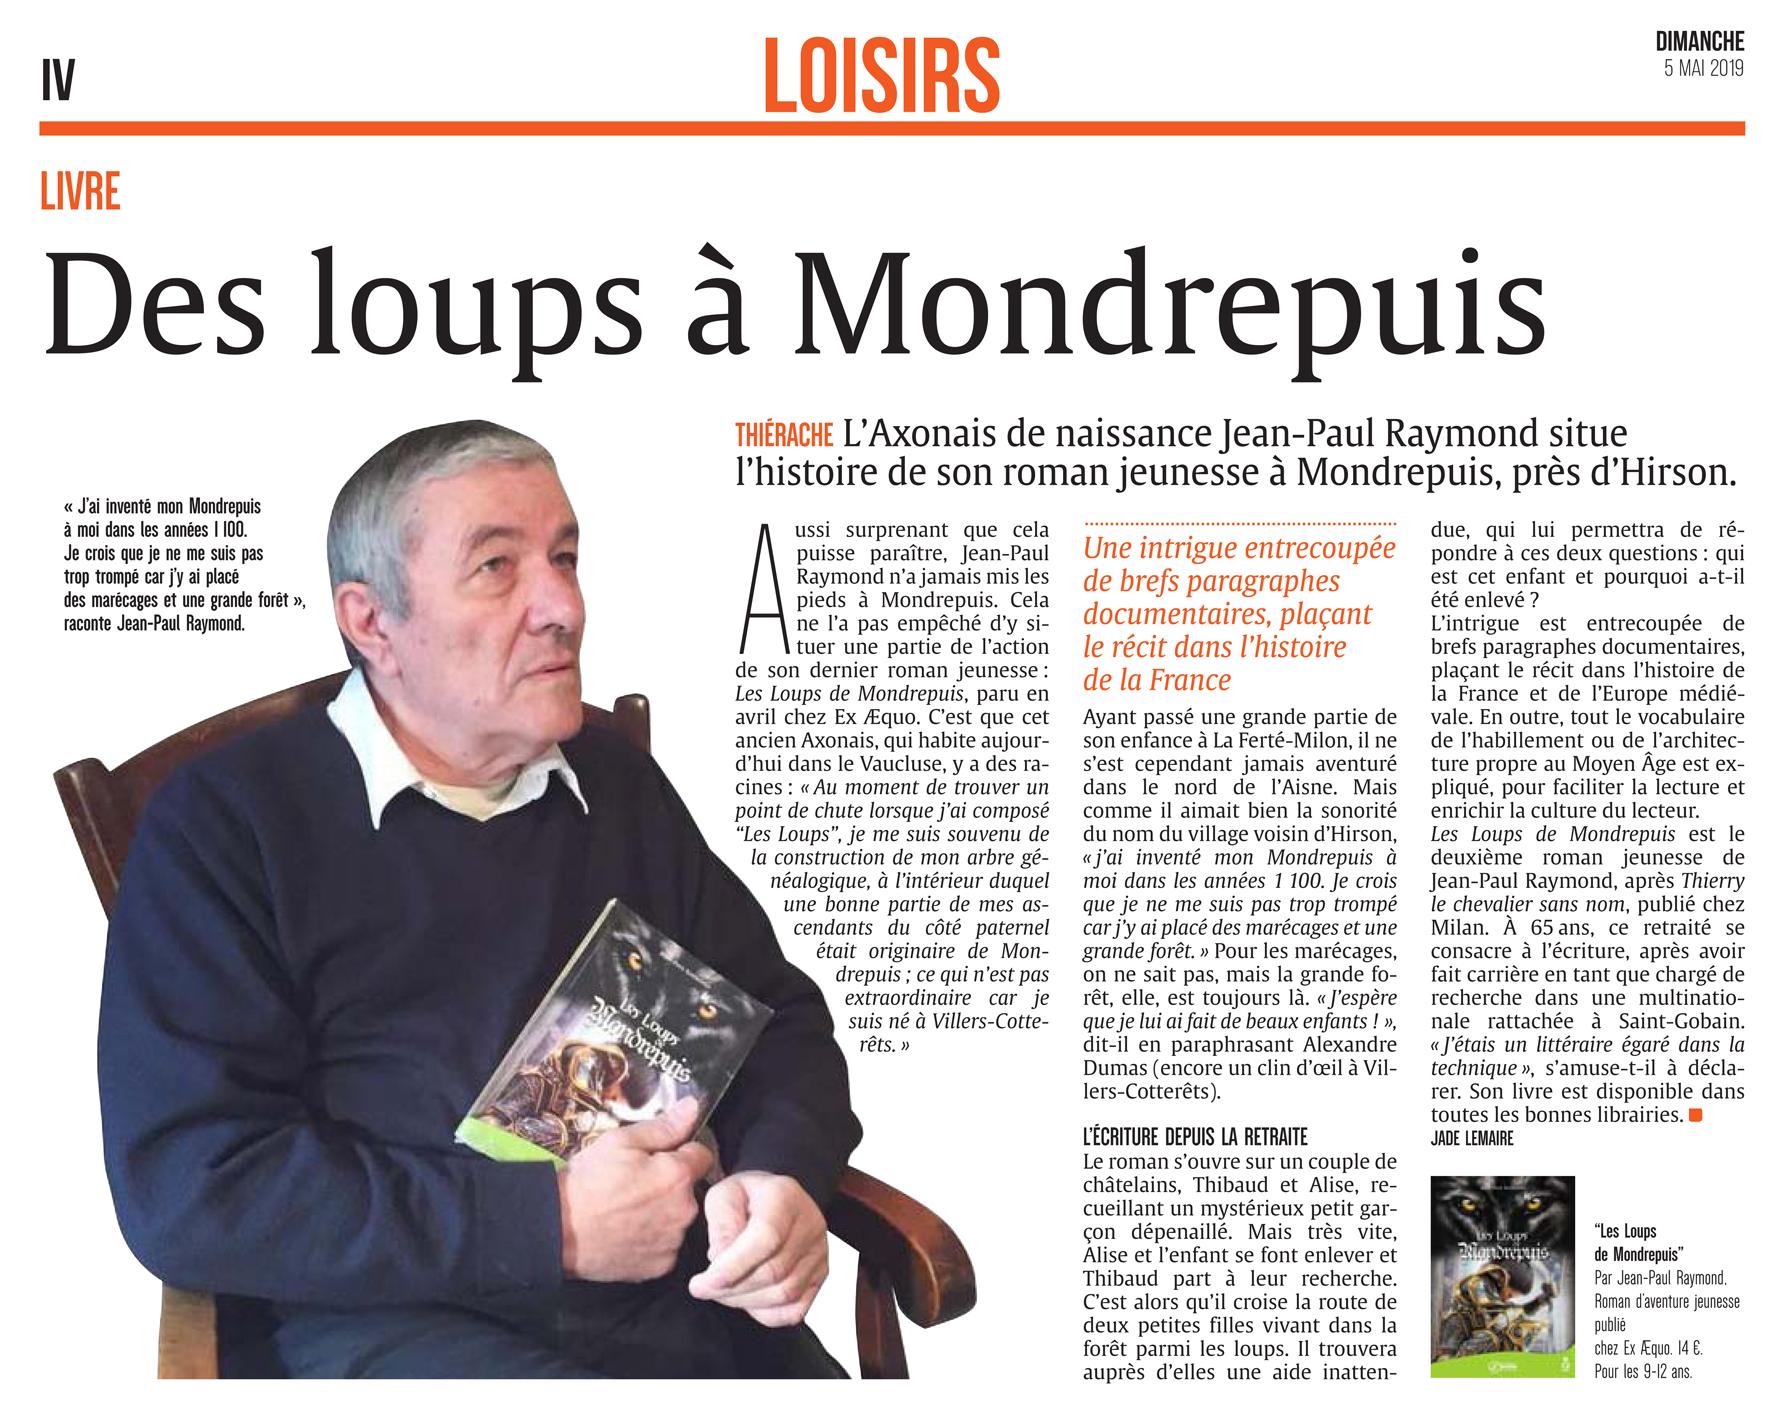 Les loups de Mondrepuis-article l'Union